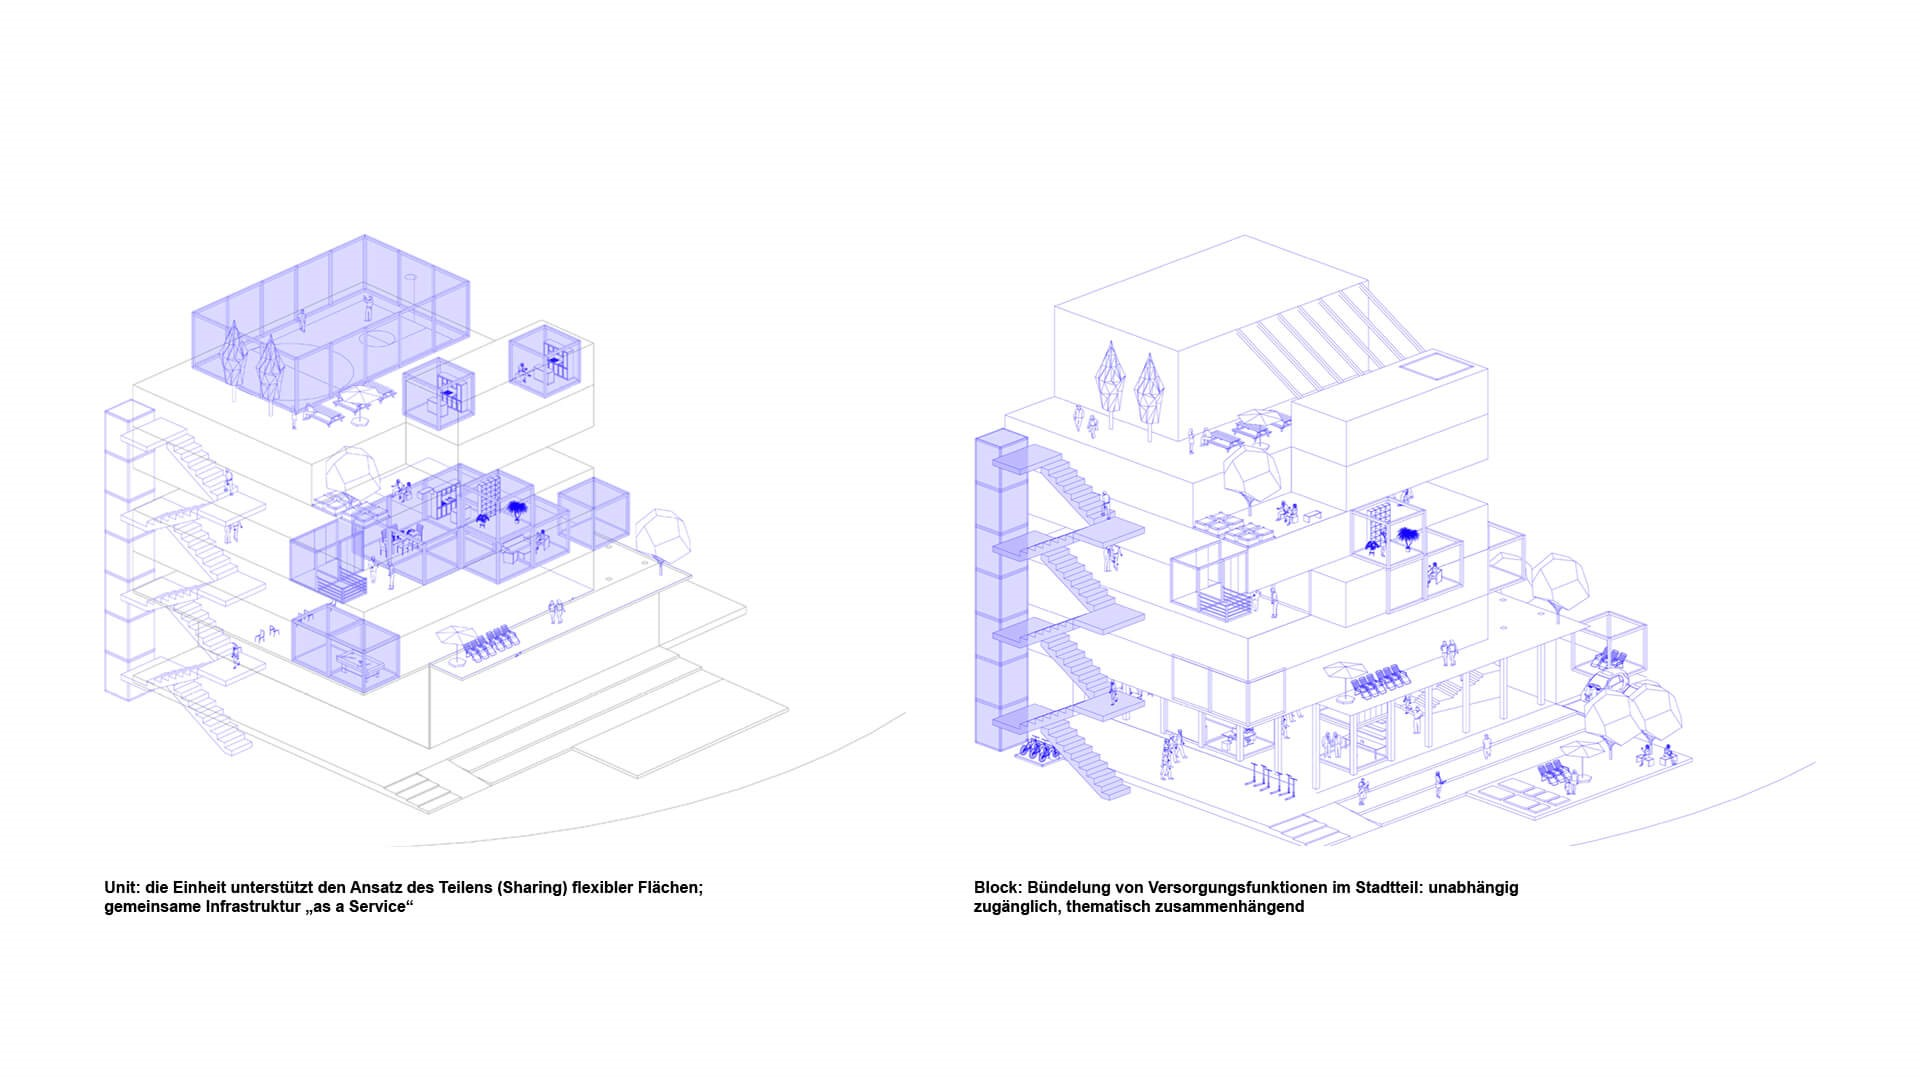 Neue Wohn- und Arbeitsformen ermöglichen flexible und nachhaltige Nutzungen. © InitialDesign